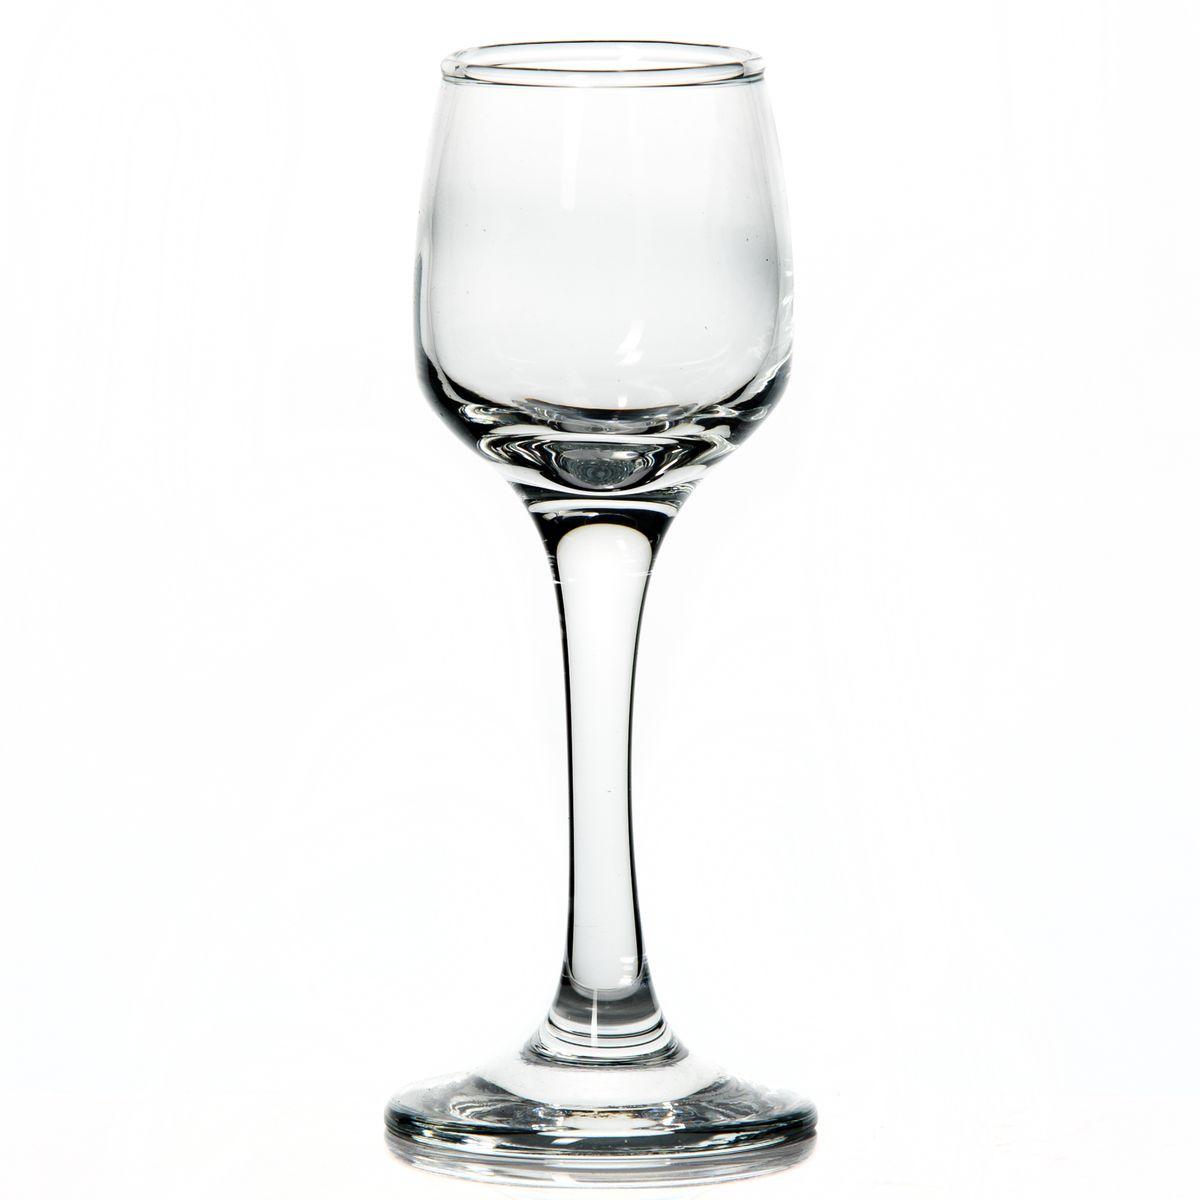 Набор бокалов Pasabahce Isabella, 65 мл, 3 шт440164BНабор Pasabahce Isabella состоит из трех бокалов, выполненных из прочного натрий-кальций-силикатного стекла. Изделия имеют изящные ножки и гладкие прозрачные стенки. Бокалы сочетают в себе элегантный дизайн и функциональность. Благодаря такому набору пить напитки будет еще вкуснее. Набор бокалов Pasabahce Isabella прекрасно оформит праздничный стол и создаст приятную атмосферу за ужином. Такой набор также станет хорошим подарком к любому случаю. Можно мыть в посудомоечной машине. Диаметр бокала (по верхнему краю): 4,5 см. Высота бокала: 14 см.